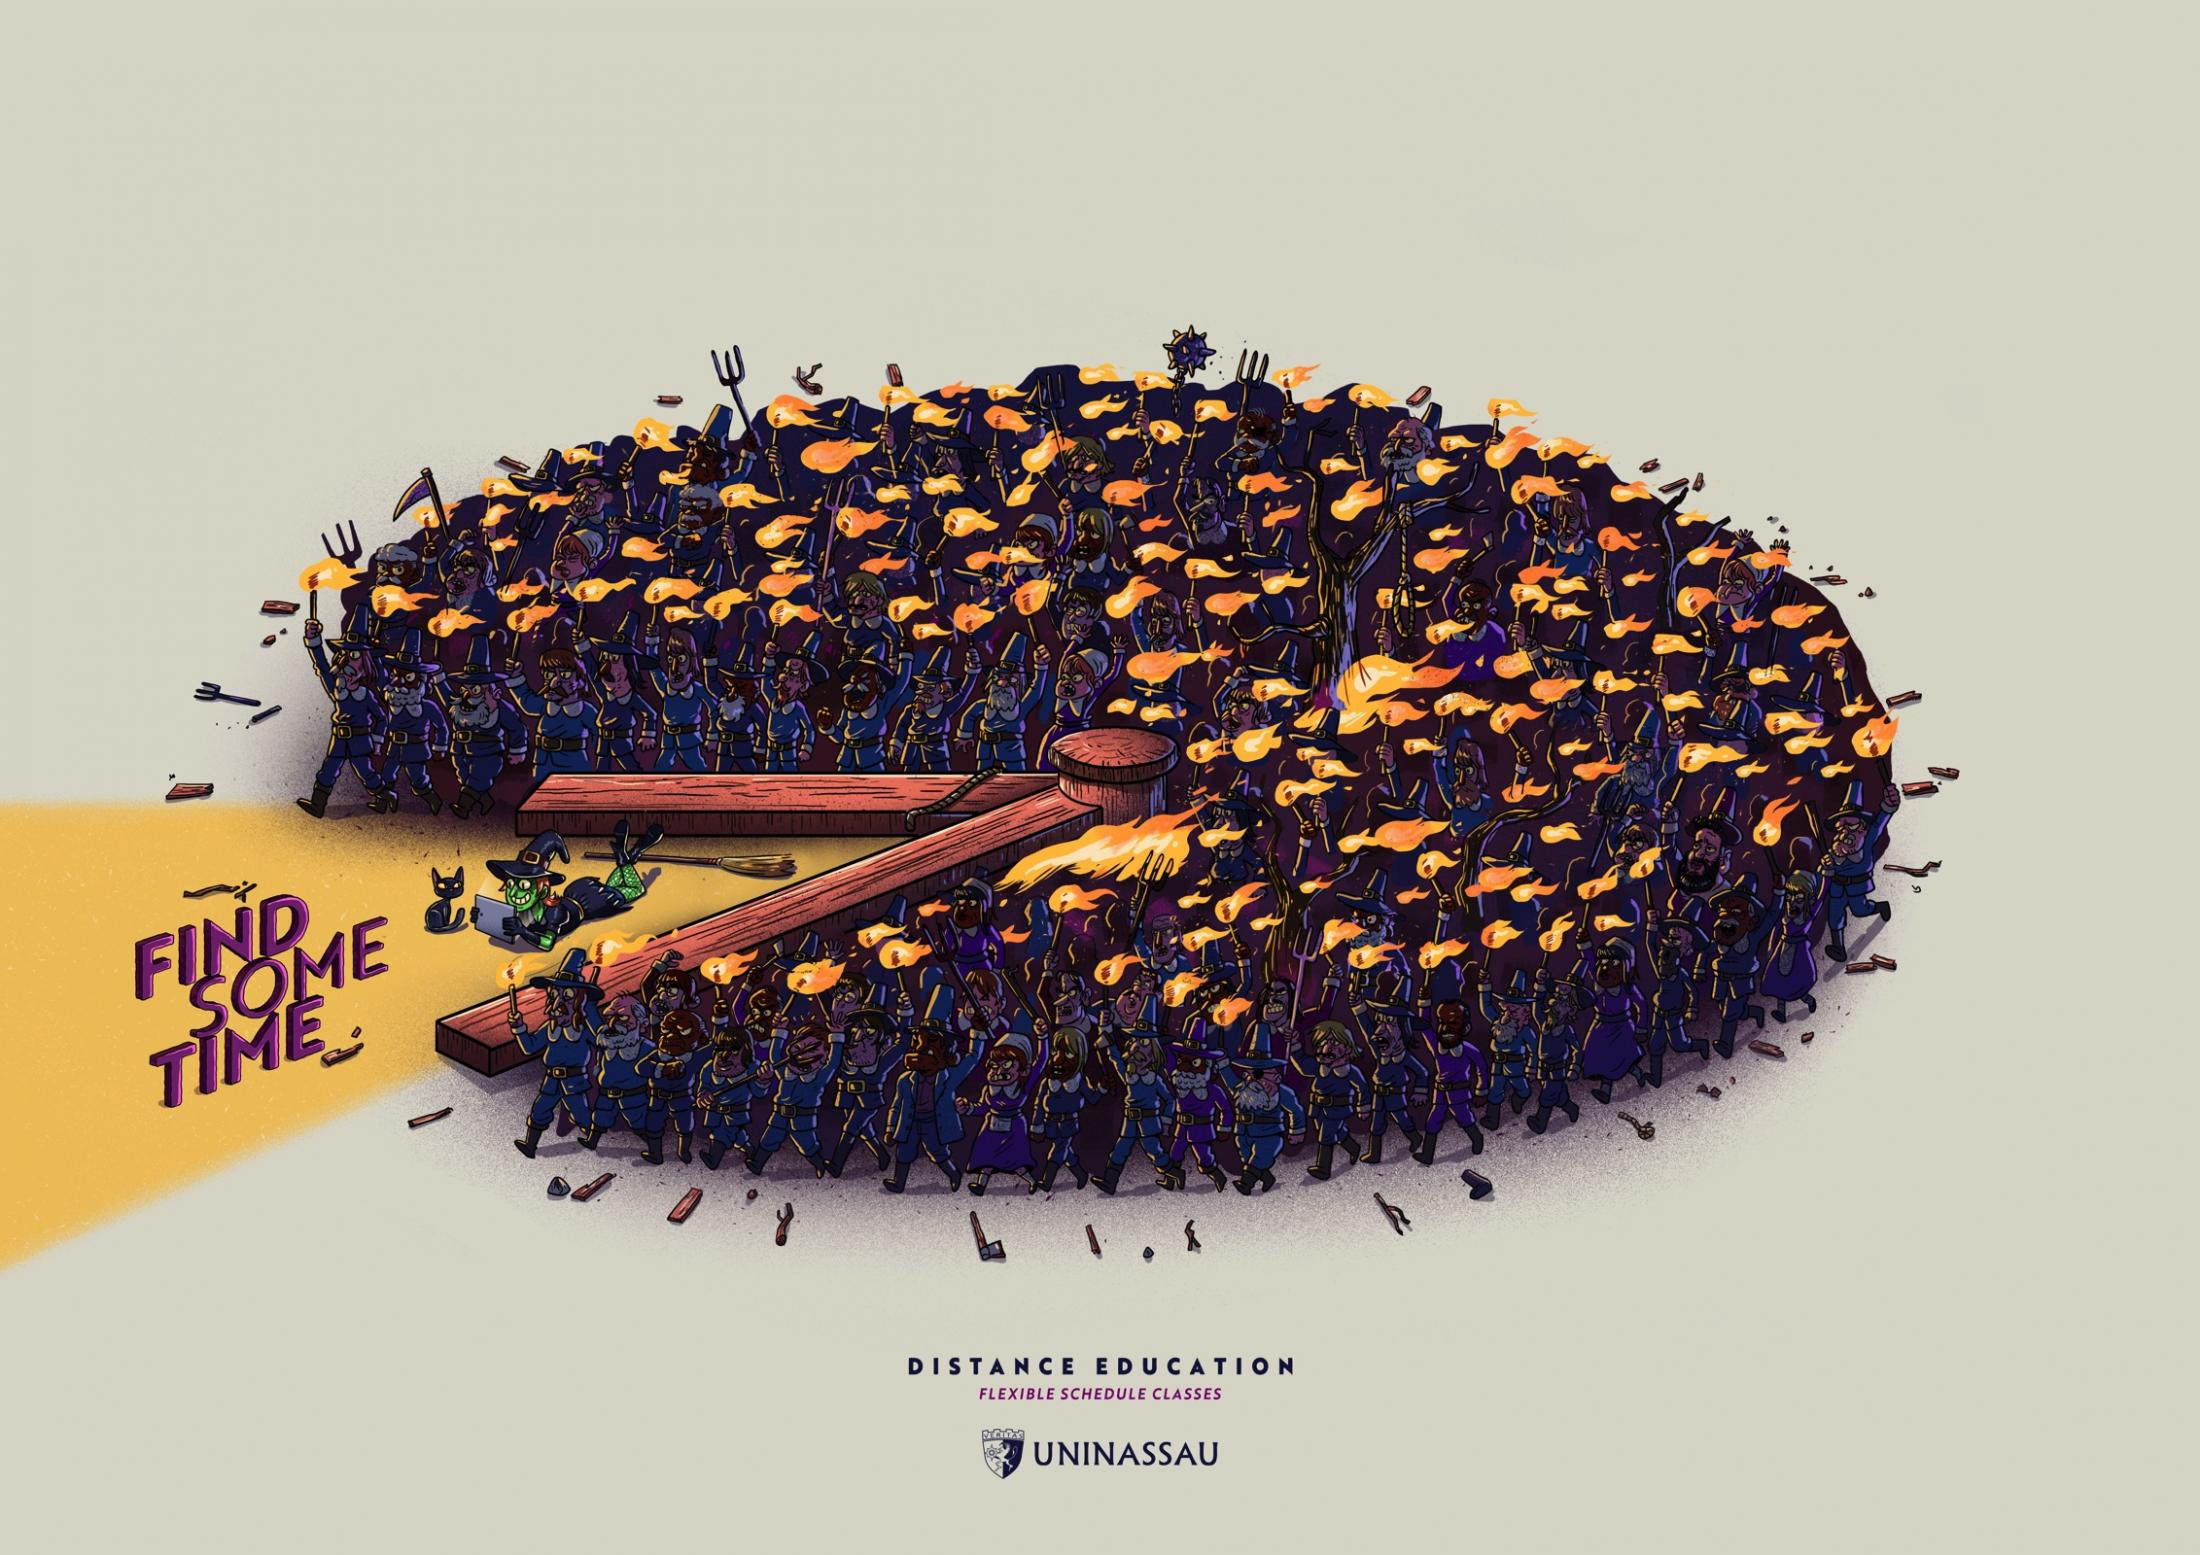 UNINASSAU远程教育广告